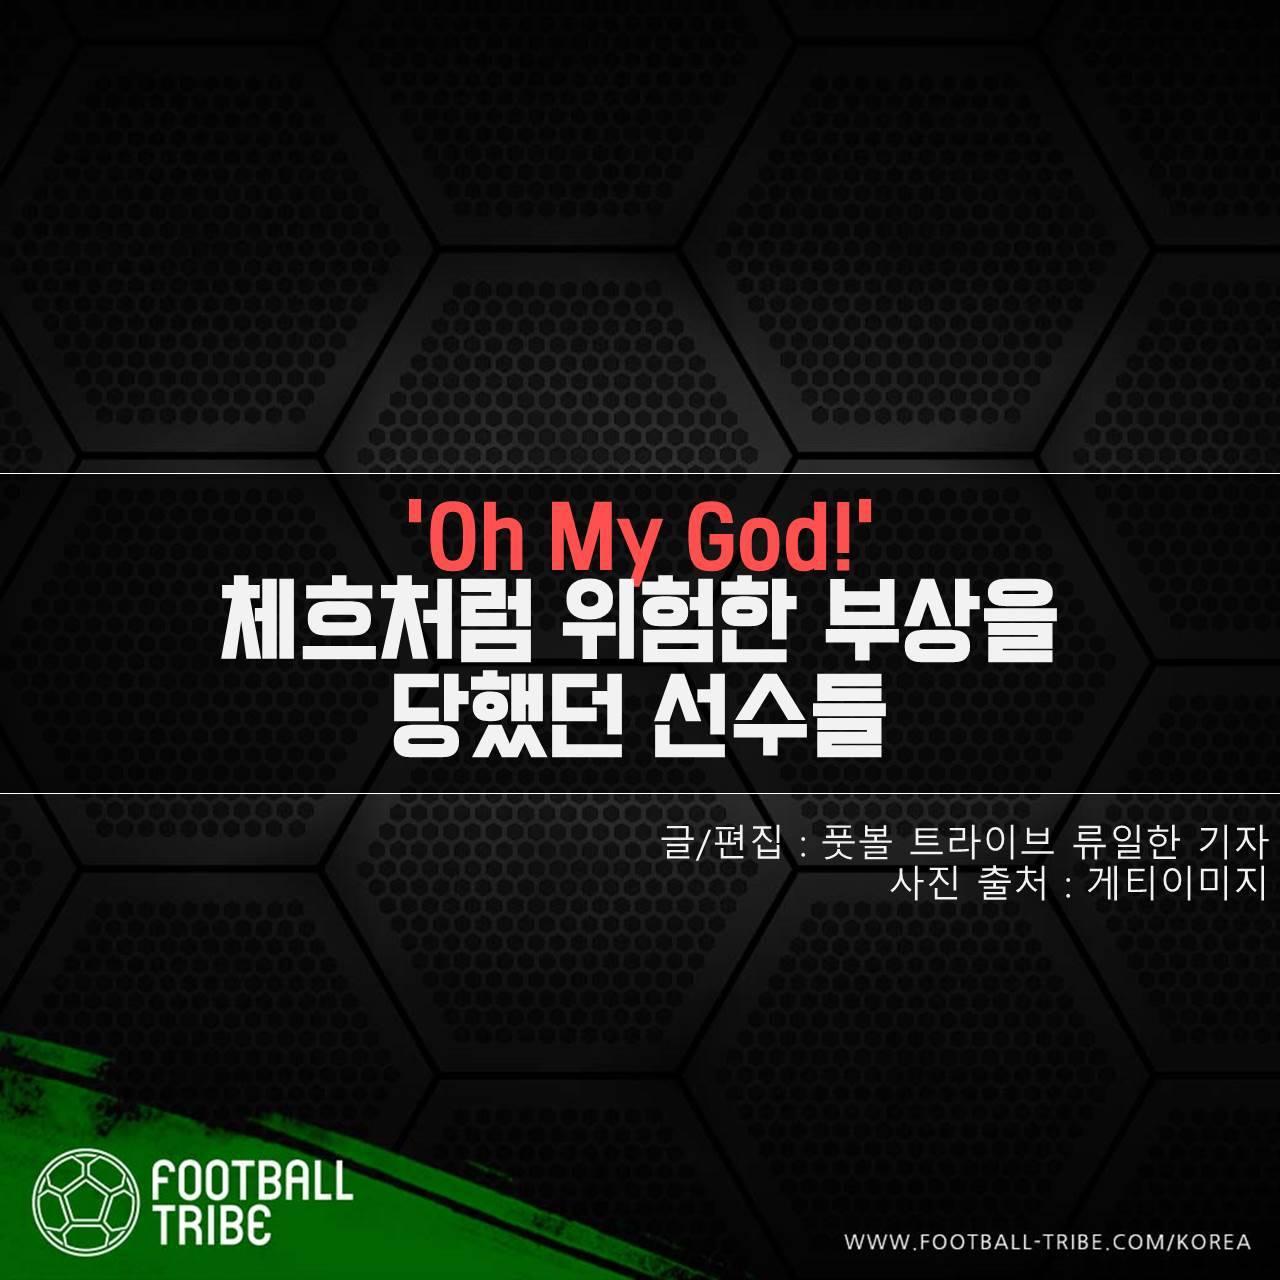 [카드 뉴스] 'Oh My God!' 체흐처럼 위험한 부상을 당했던 선수들